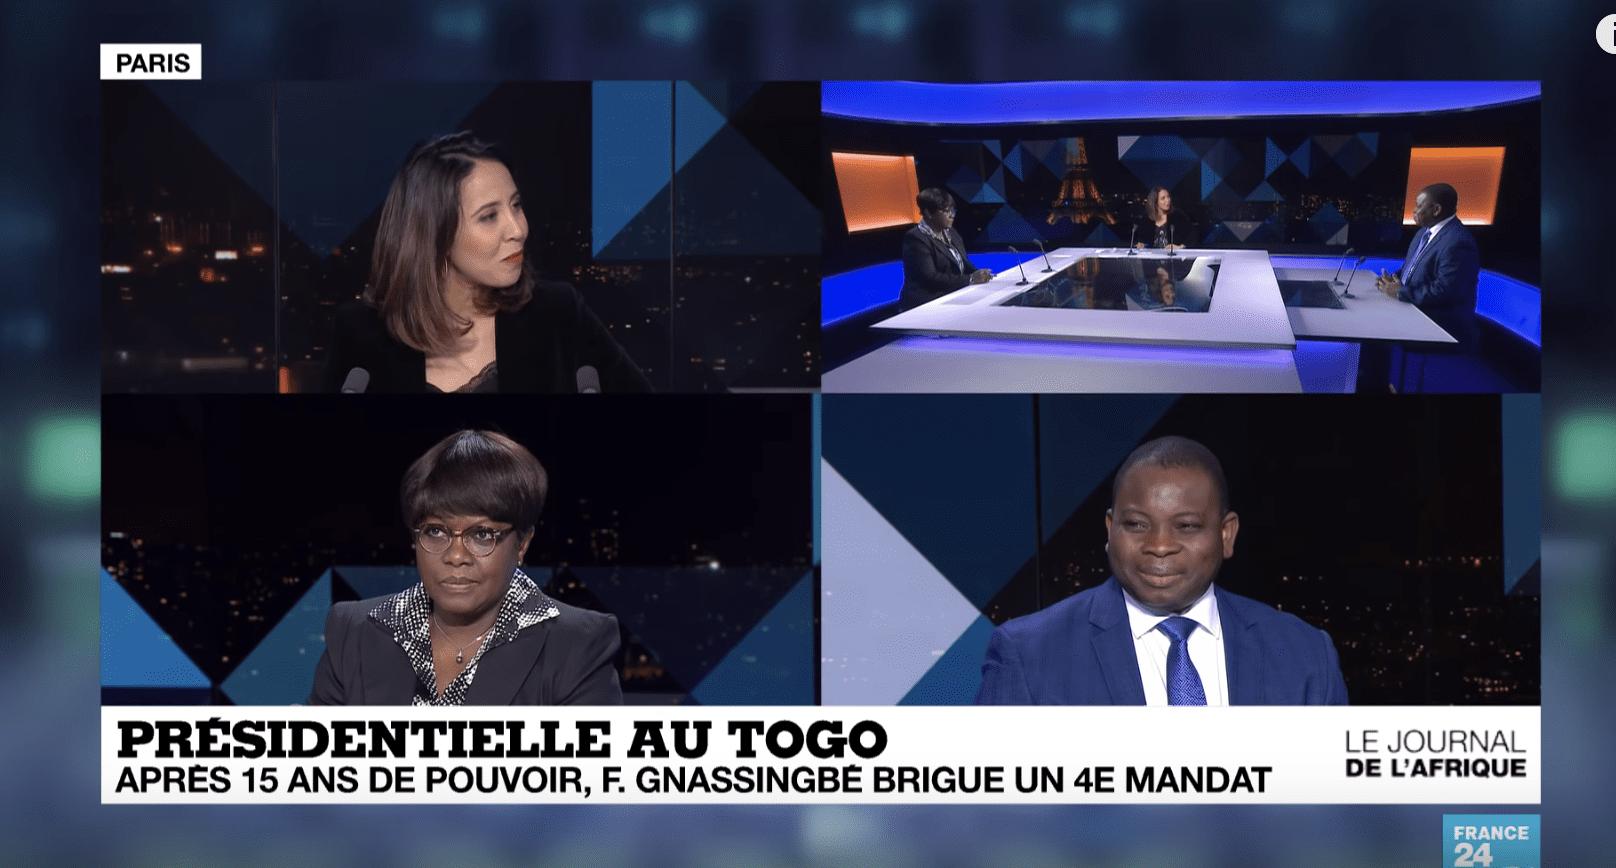 DEBAT: Présidentielle au Togo 2020  après 15 ans de pouvoir, le président sortant brigue un 4e mandat